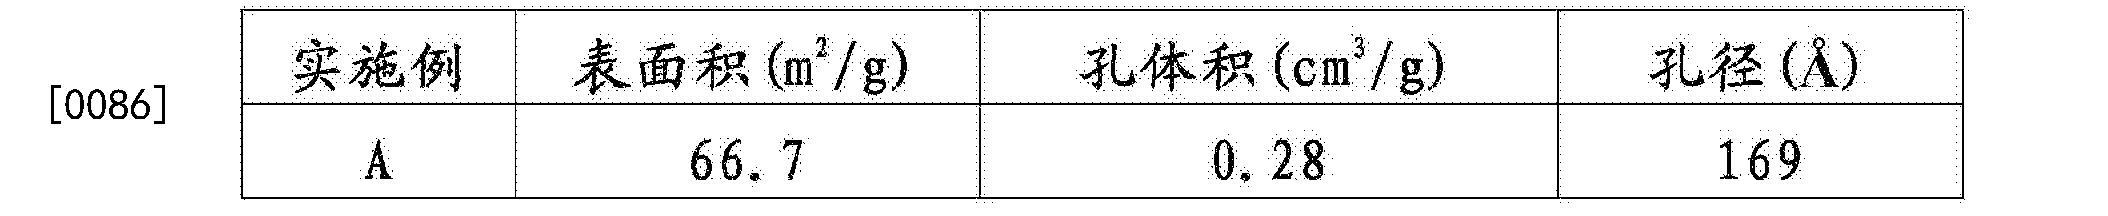 Figure CN105555707BD00125